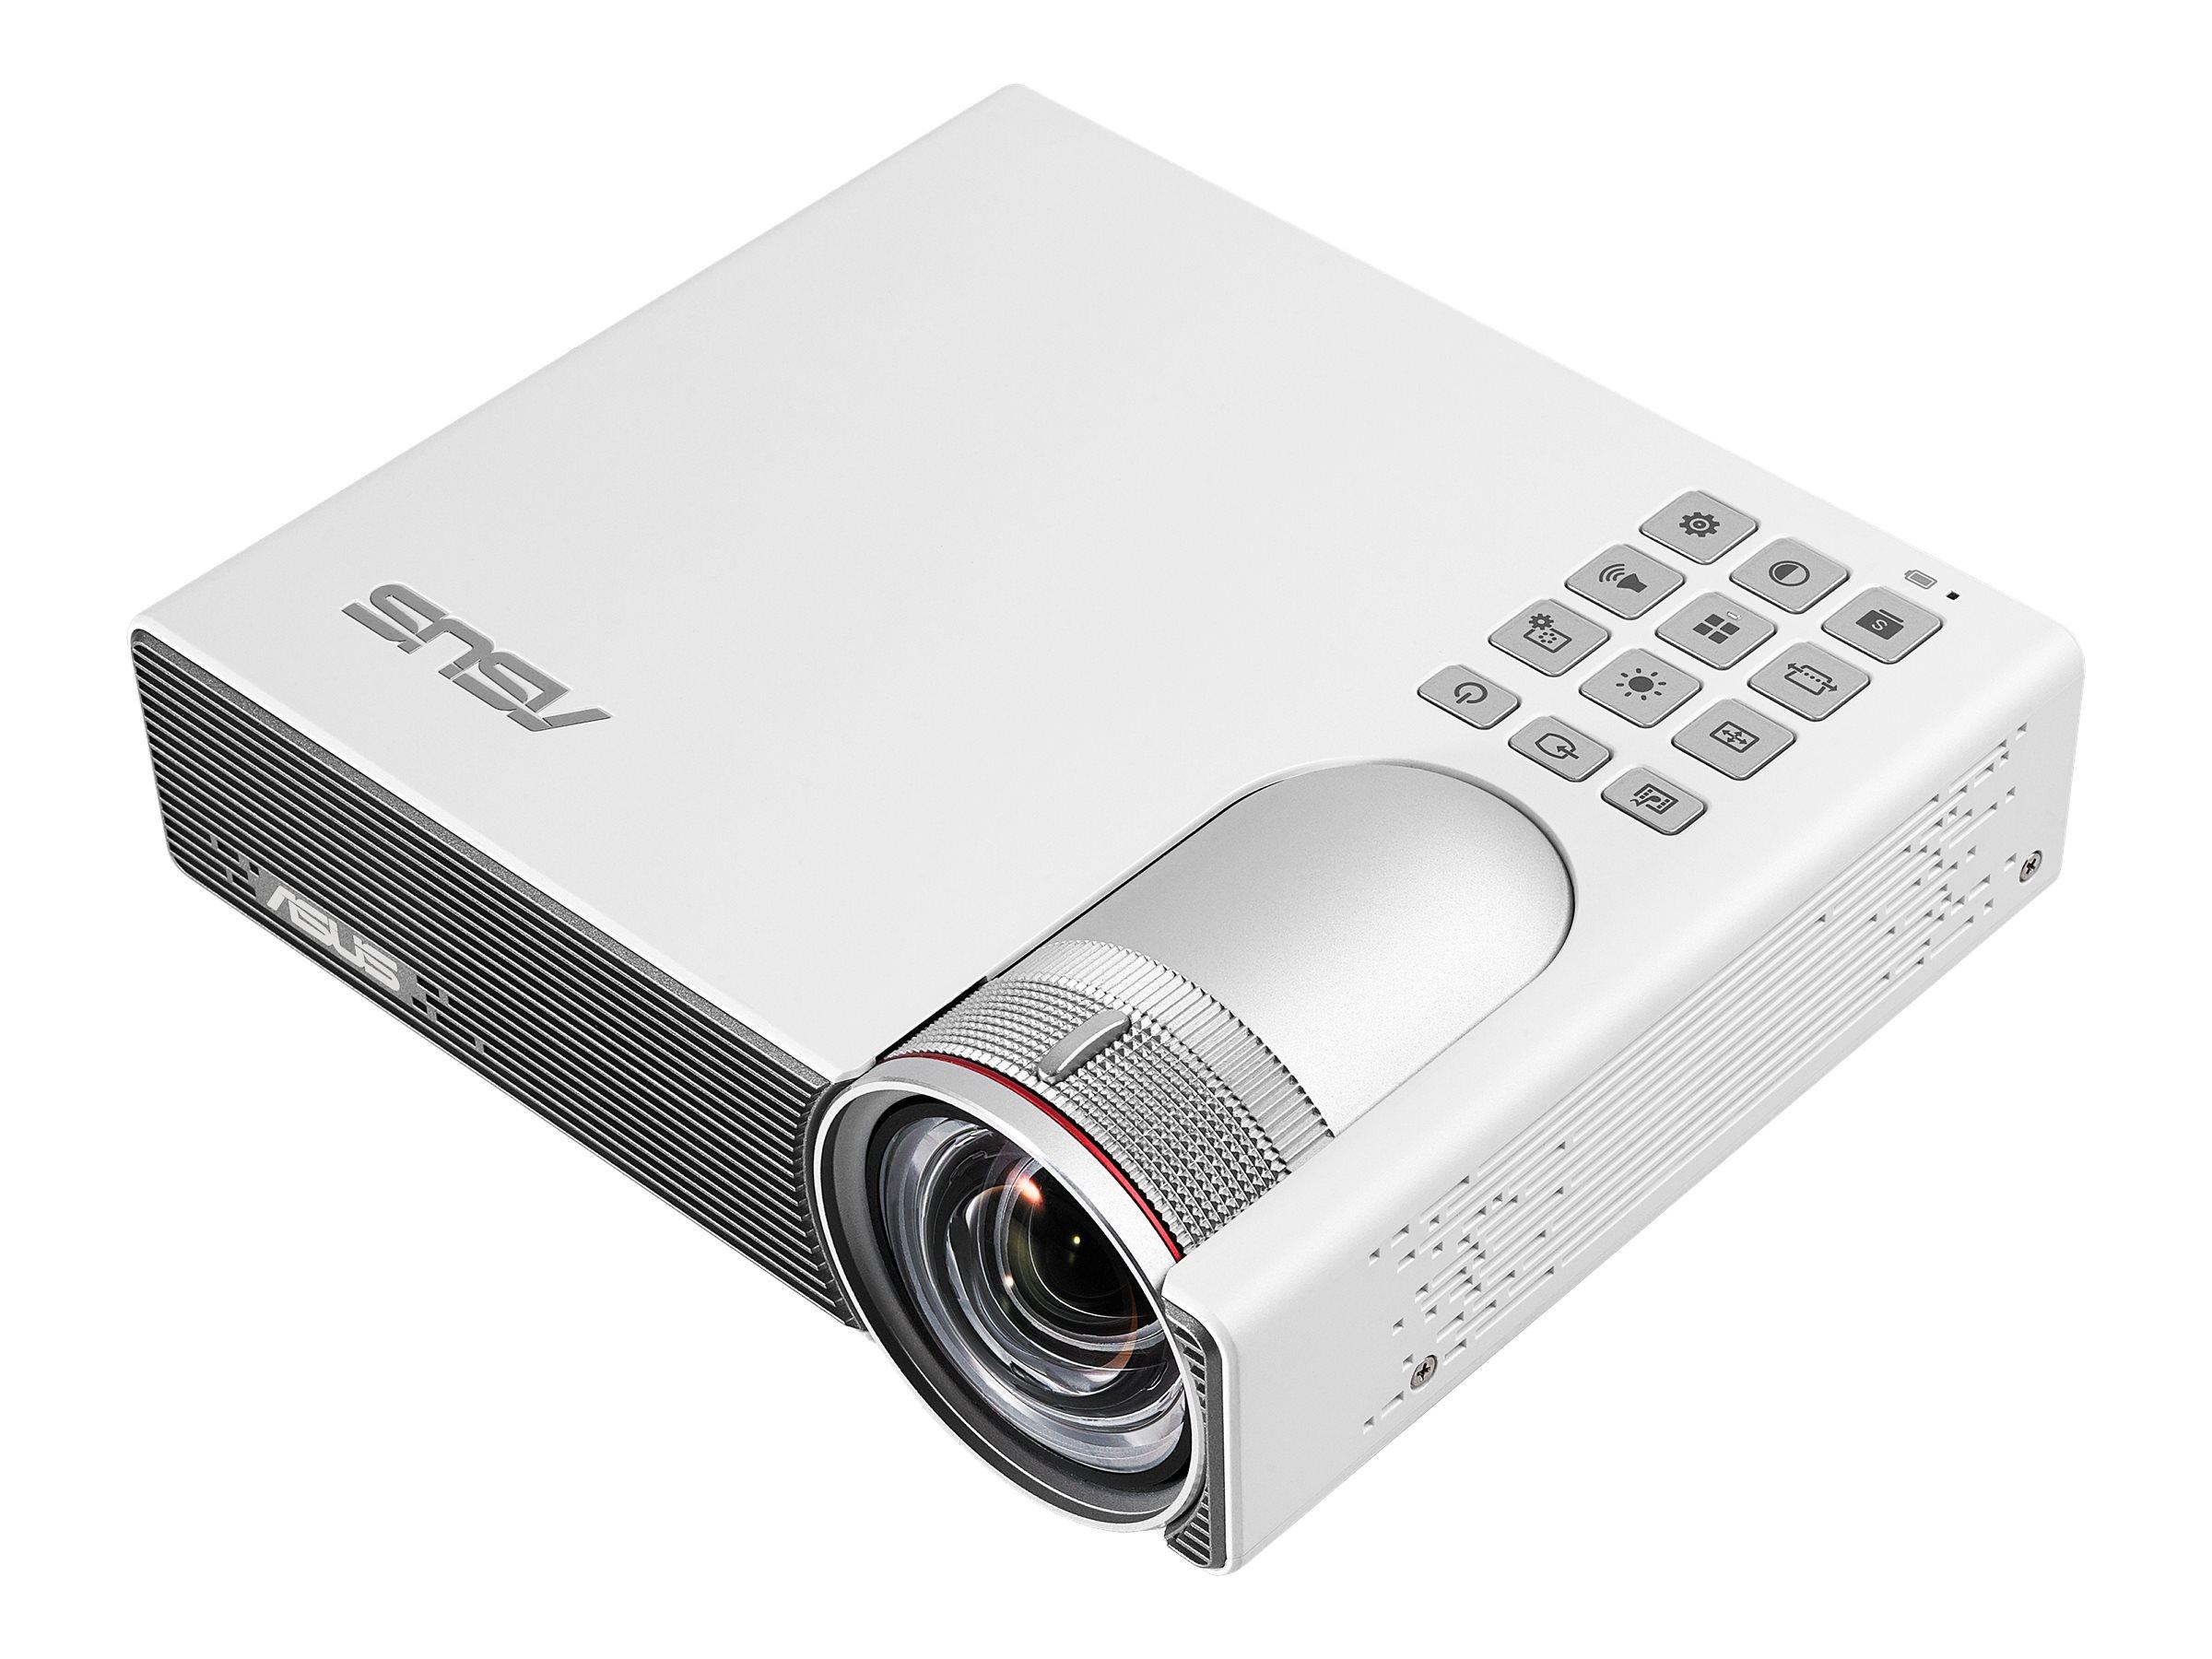 ASUS P3B - DLP-Projektor - RGB LED - 3D - 800 lm - WXGA (1280 x 800)